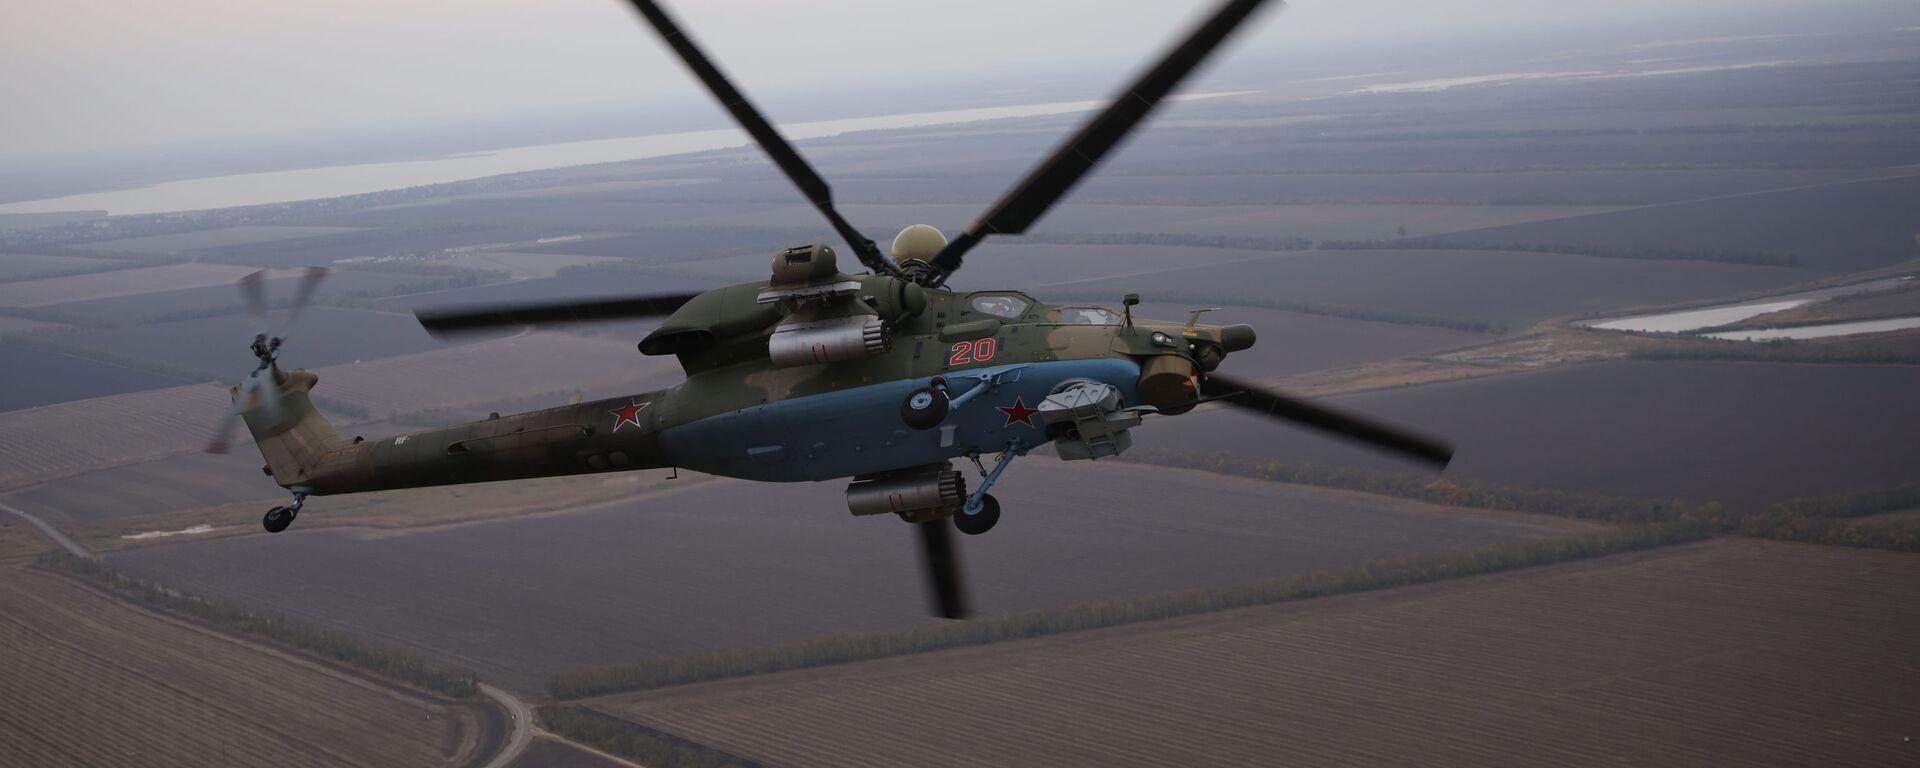 Piloci lotnictwa wojskowego Południowego Okręgu Wojskowego przechodzą szkolenie na śmigłowcu szkolno-bojowym Mi-28UB podczas ćwiczeń Południowego Okręgu Wojskowego - Sputnik Polska, 1920, 24.06.2021